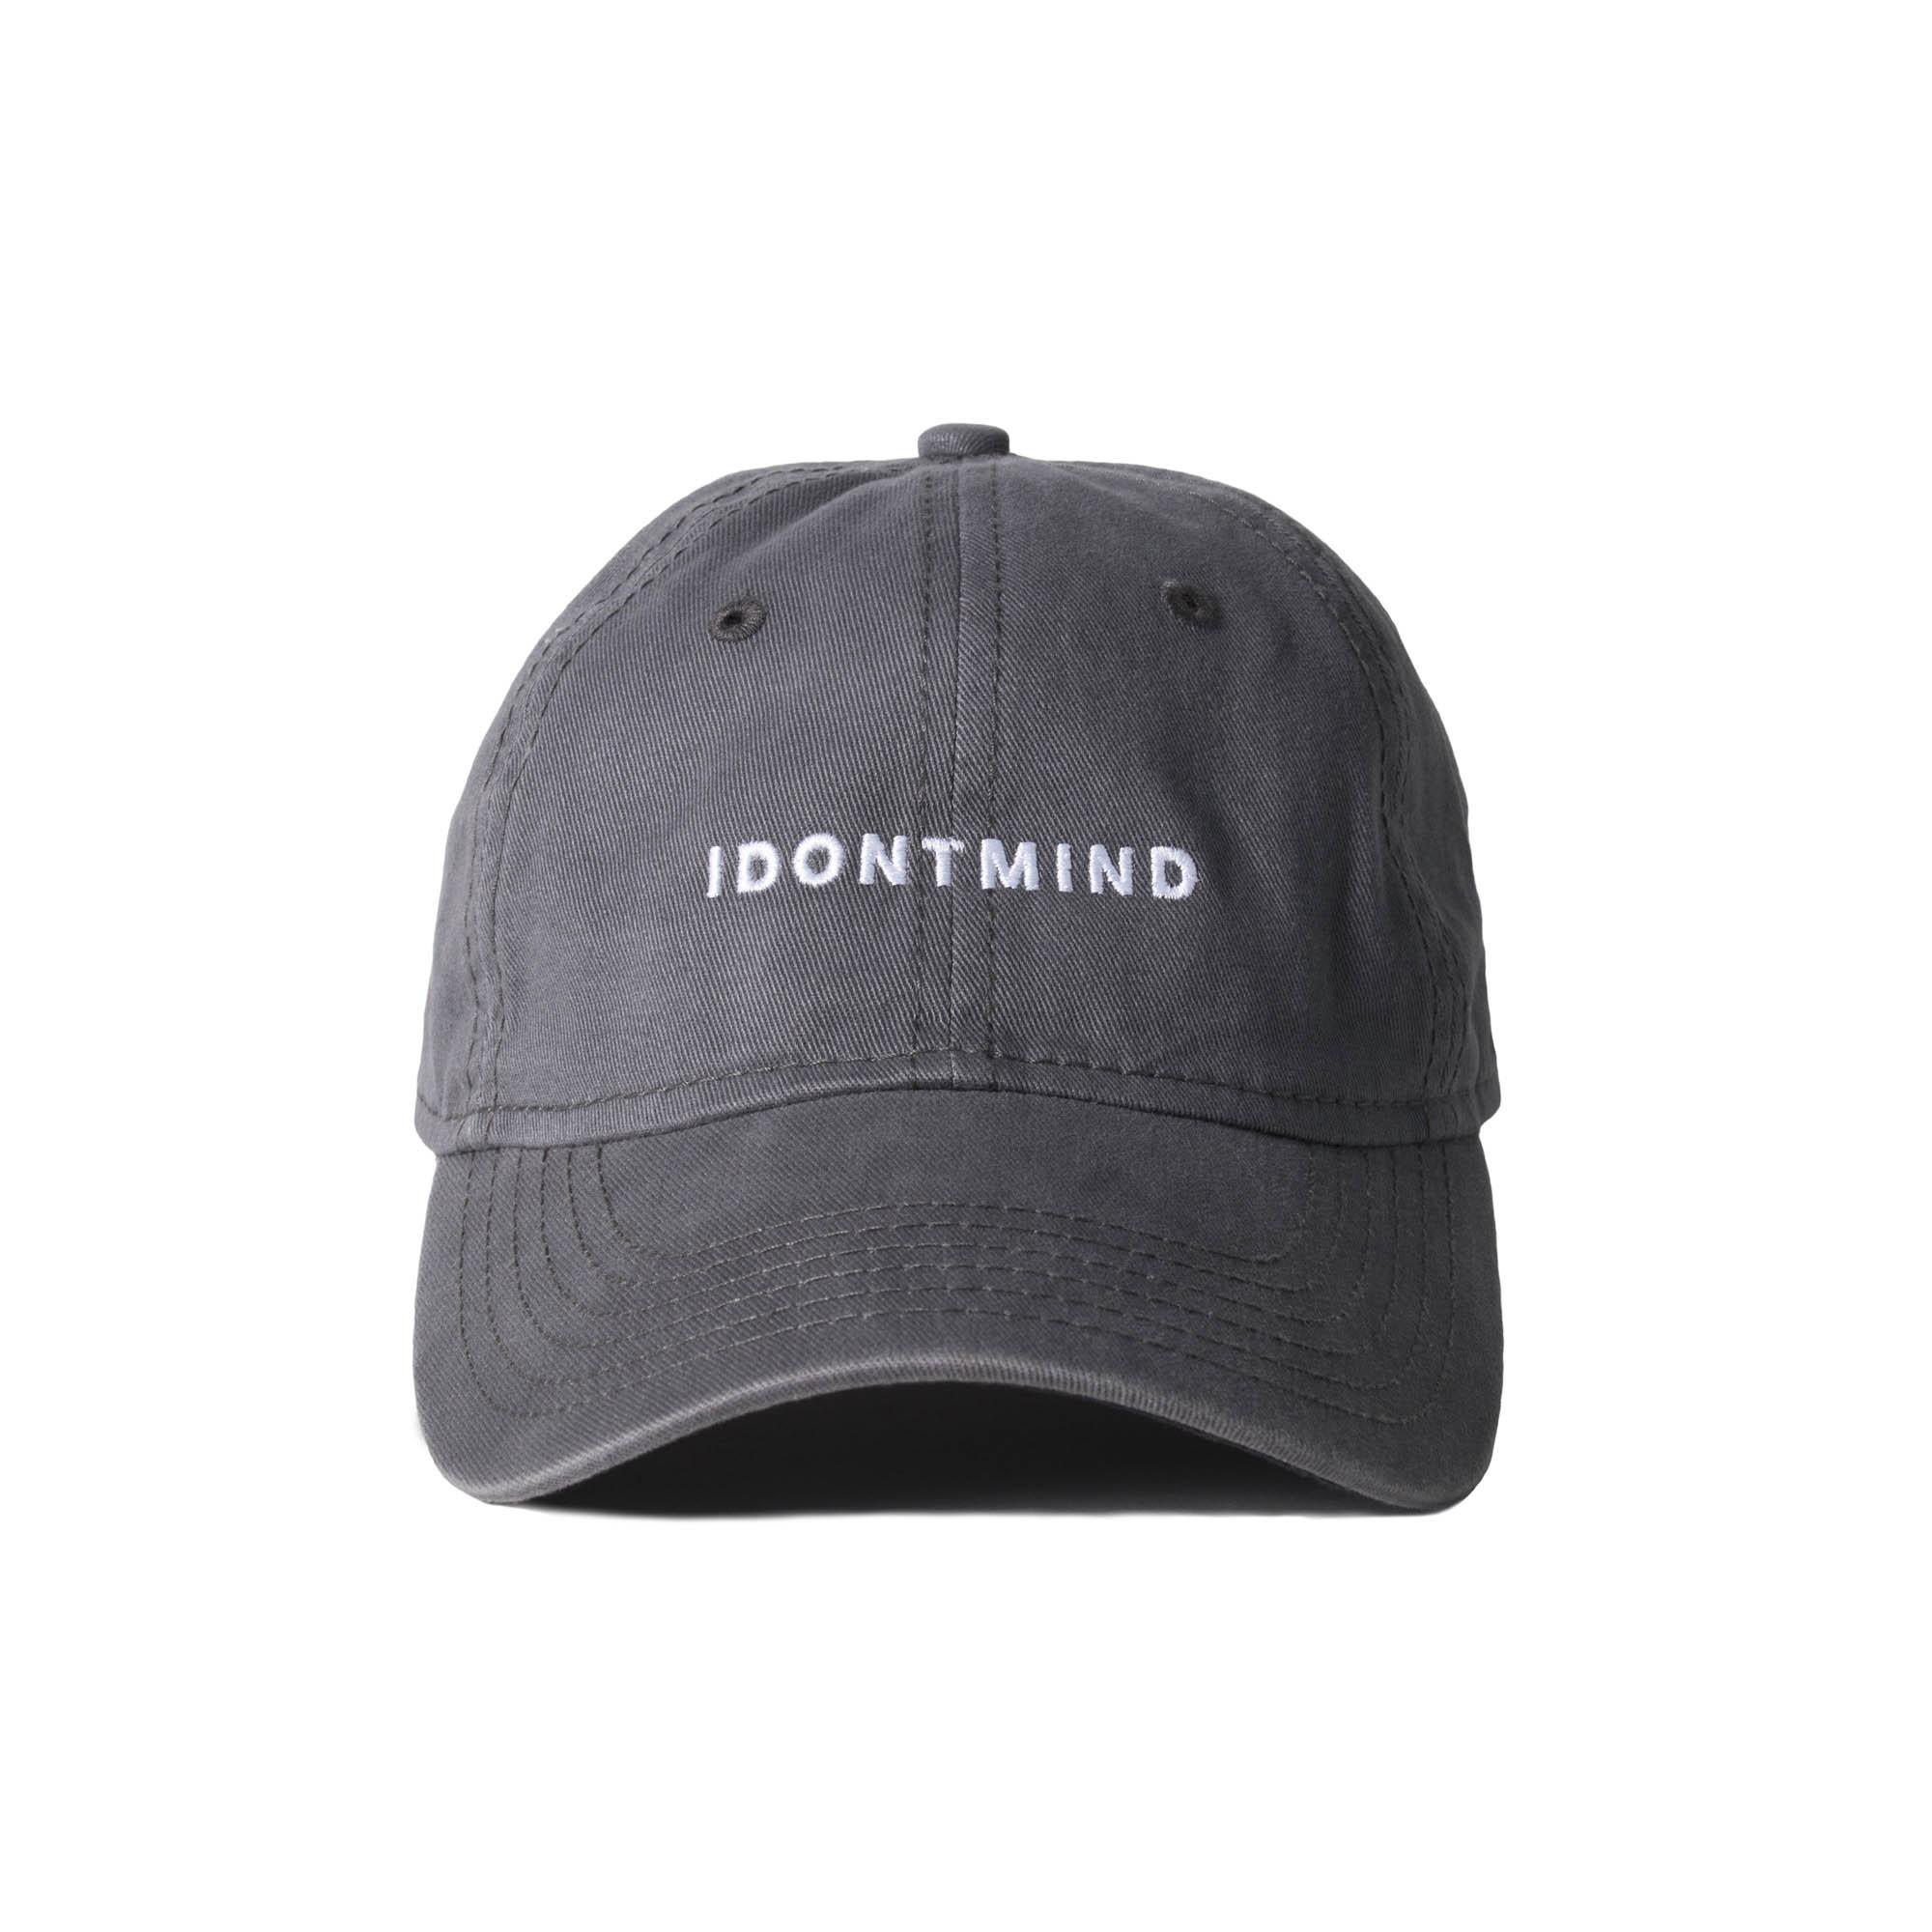 IDONTMIND-Weekend-Hat-Front.jpg